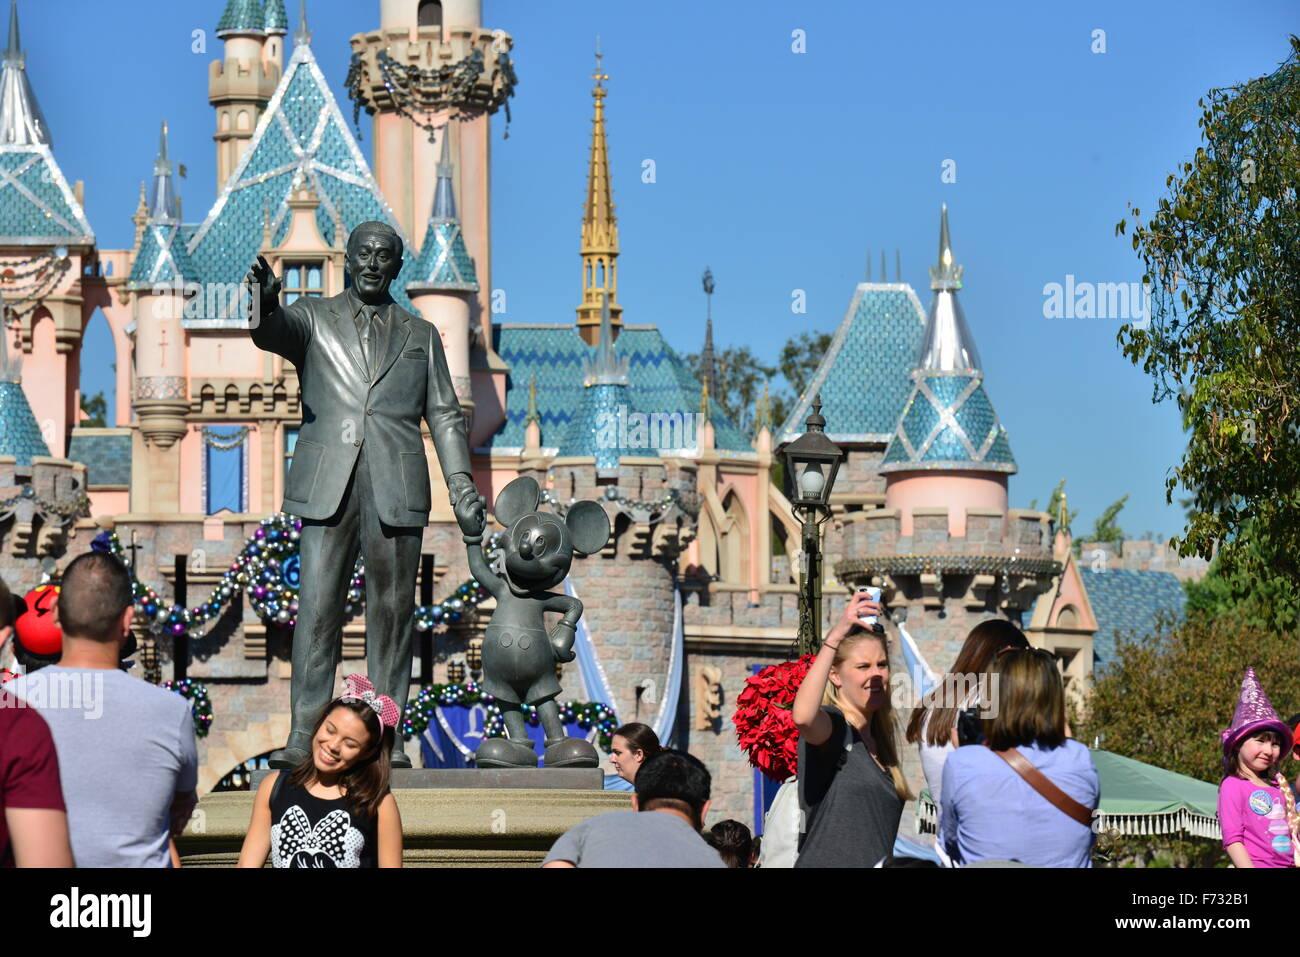 Disneyland Los Angeles Stock Photo